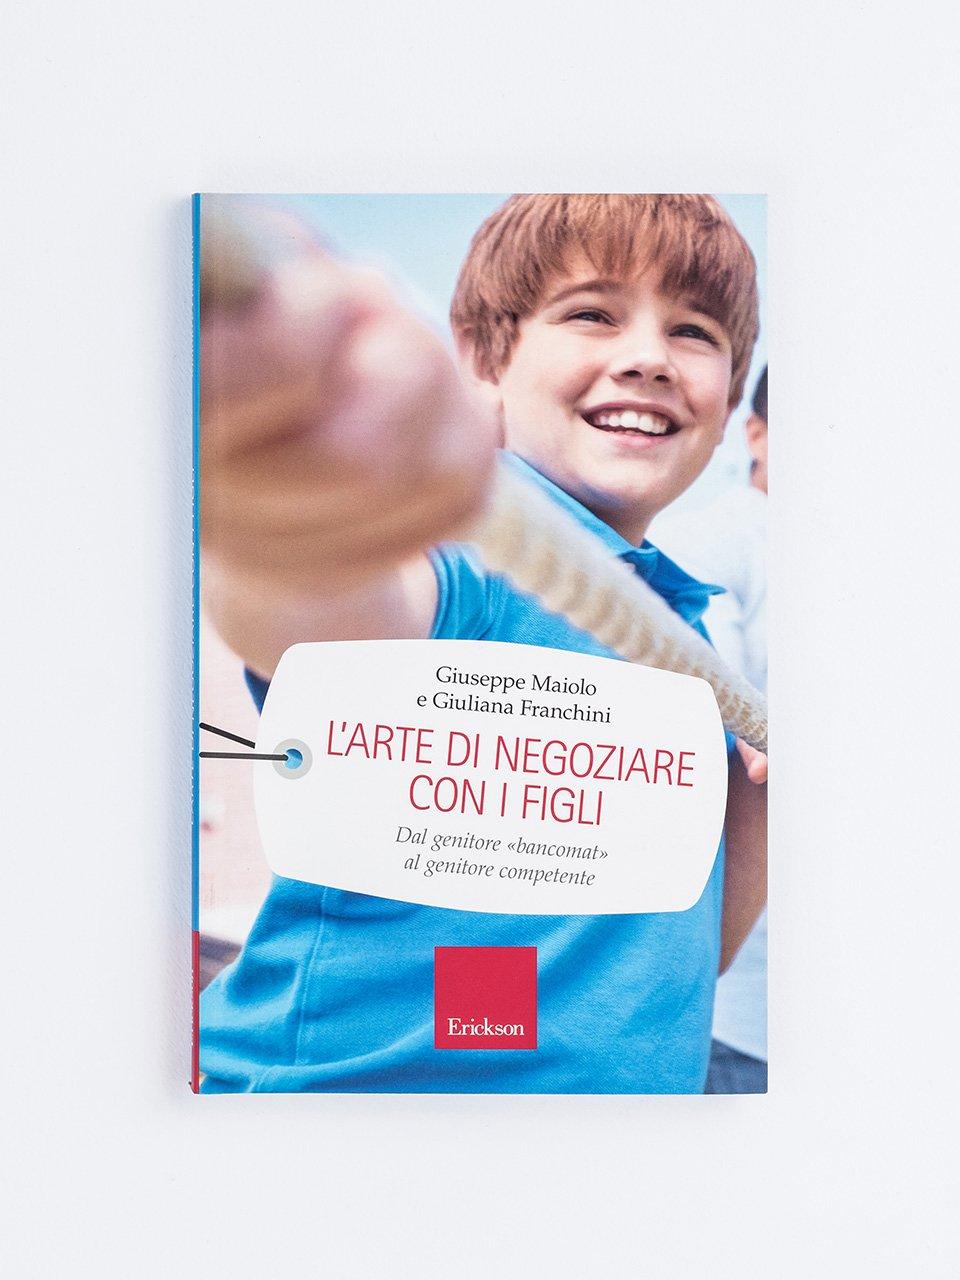 L'arte di negoziare con i figli - Quando i nuovi media distraggono i genitori - Erickson